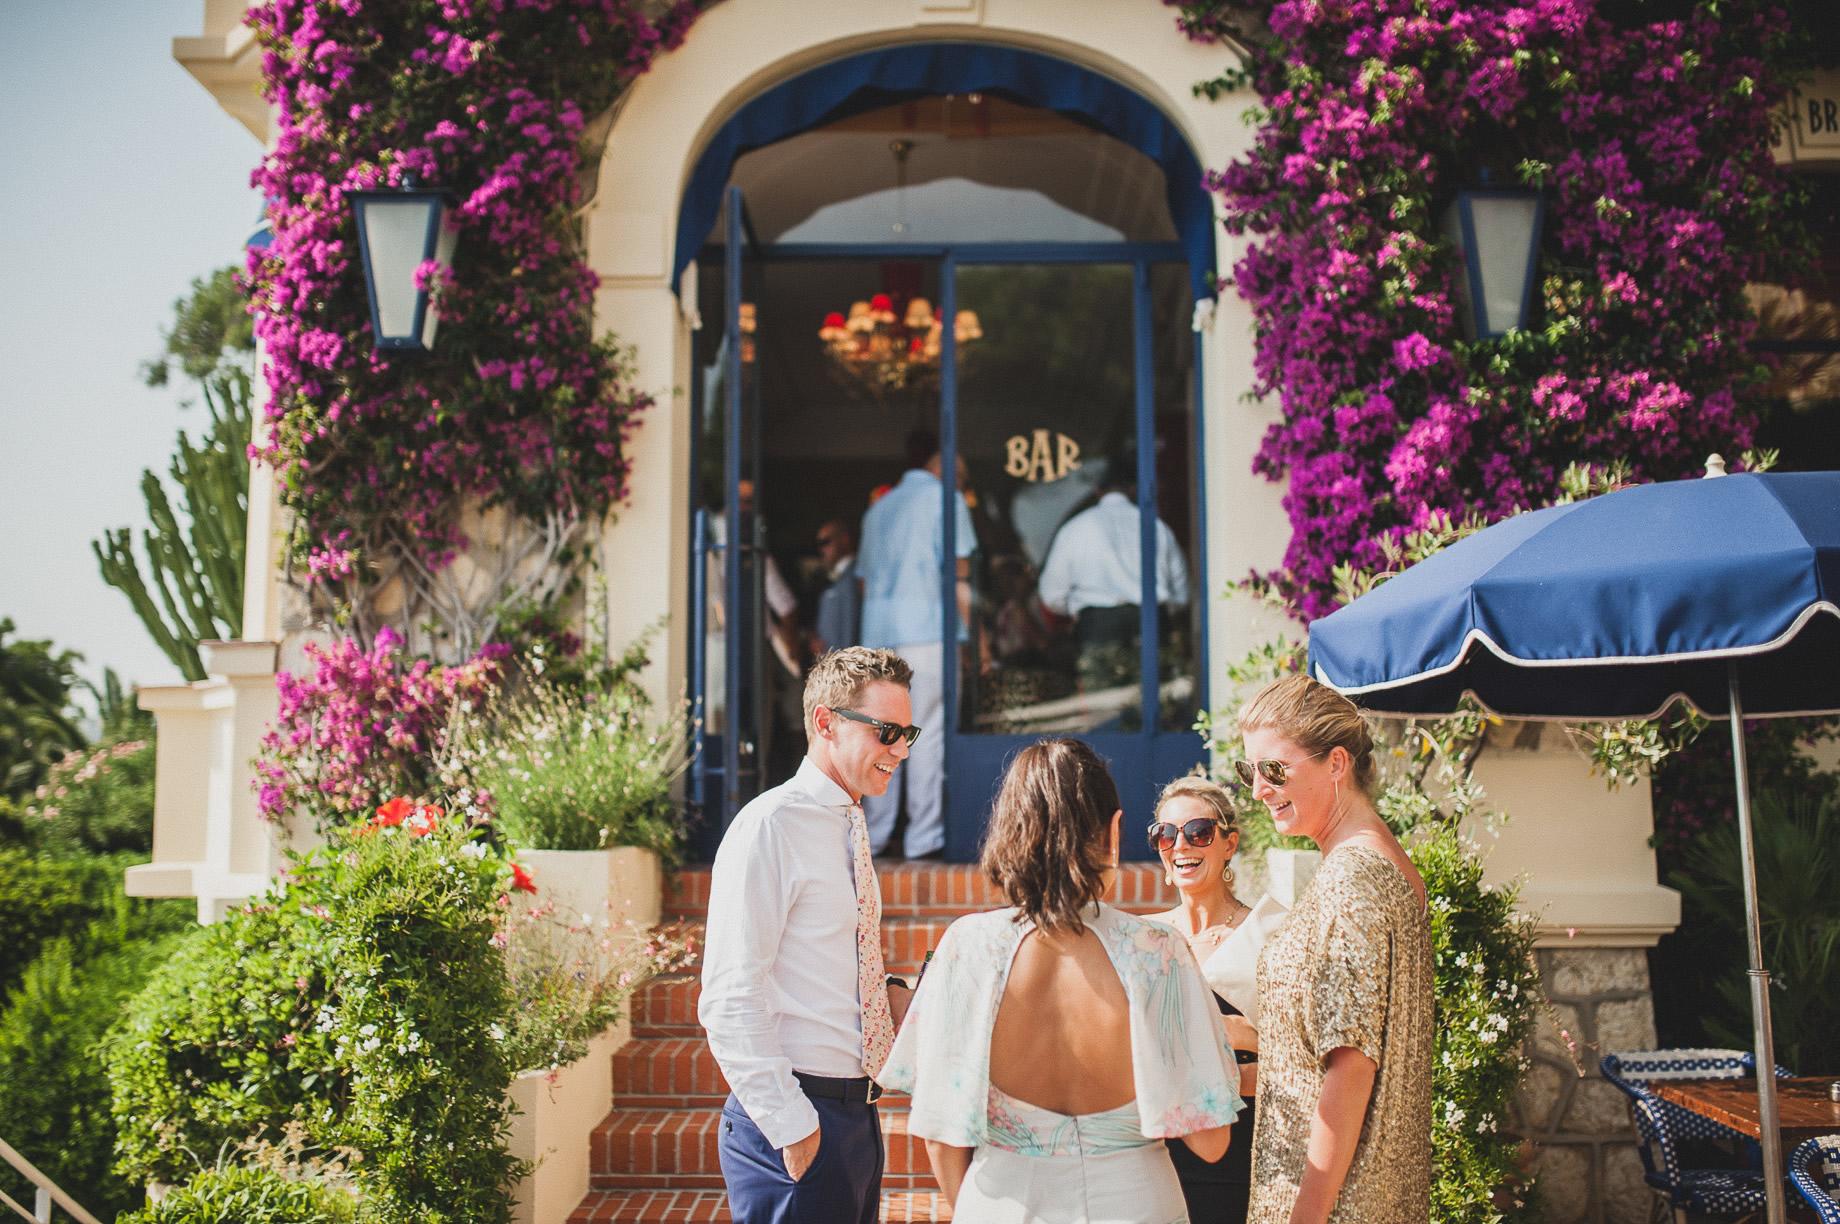 Jen and Priyan's Wedding at Hotel Belles Rives 072